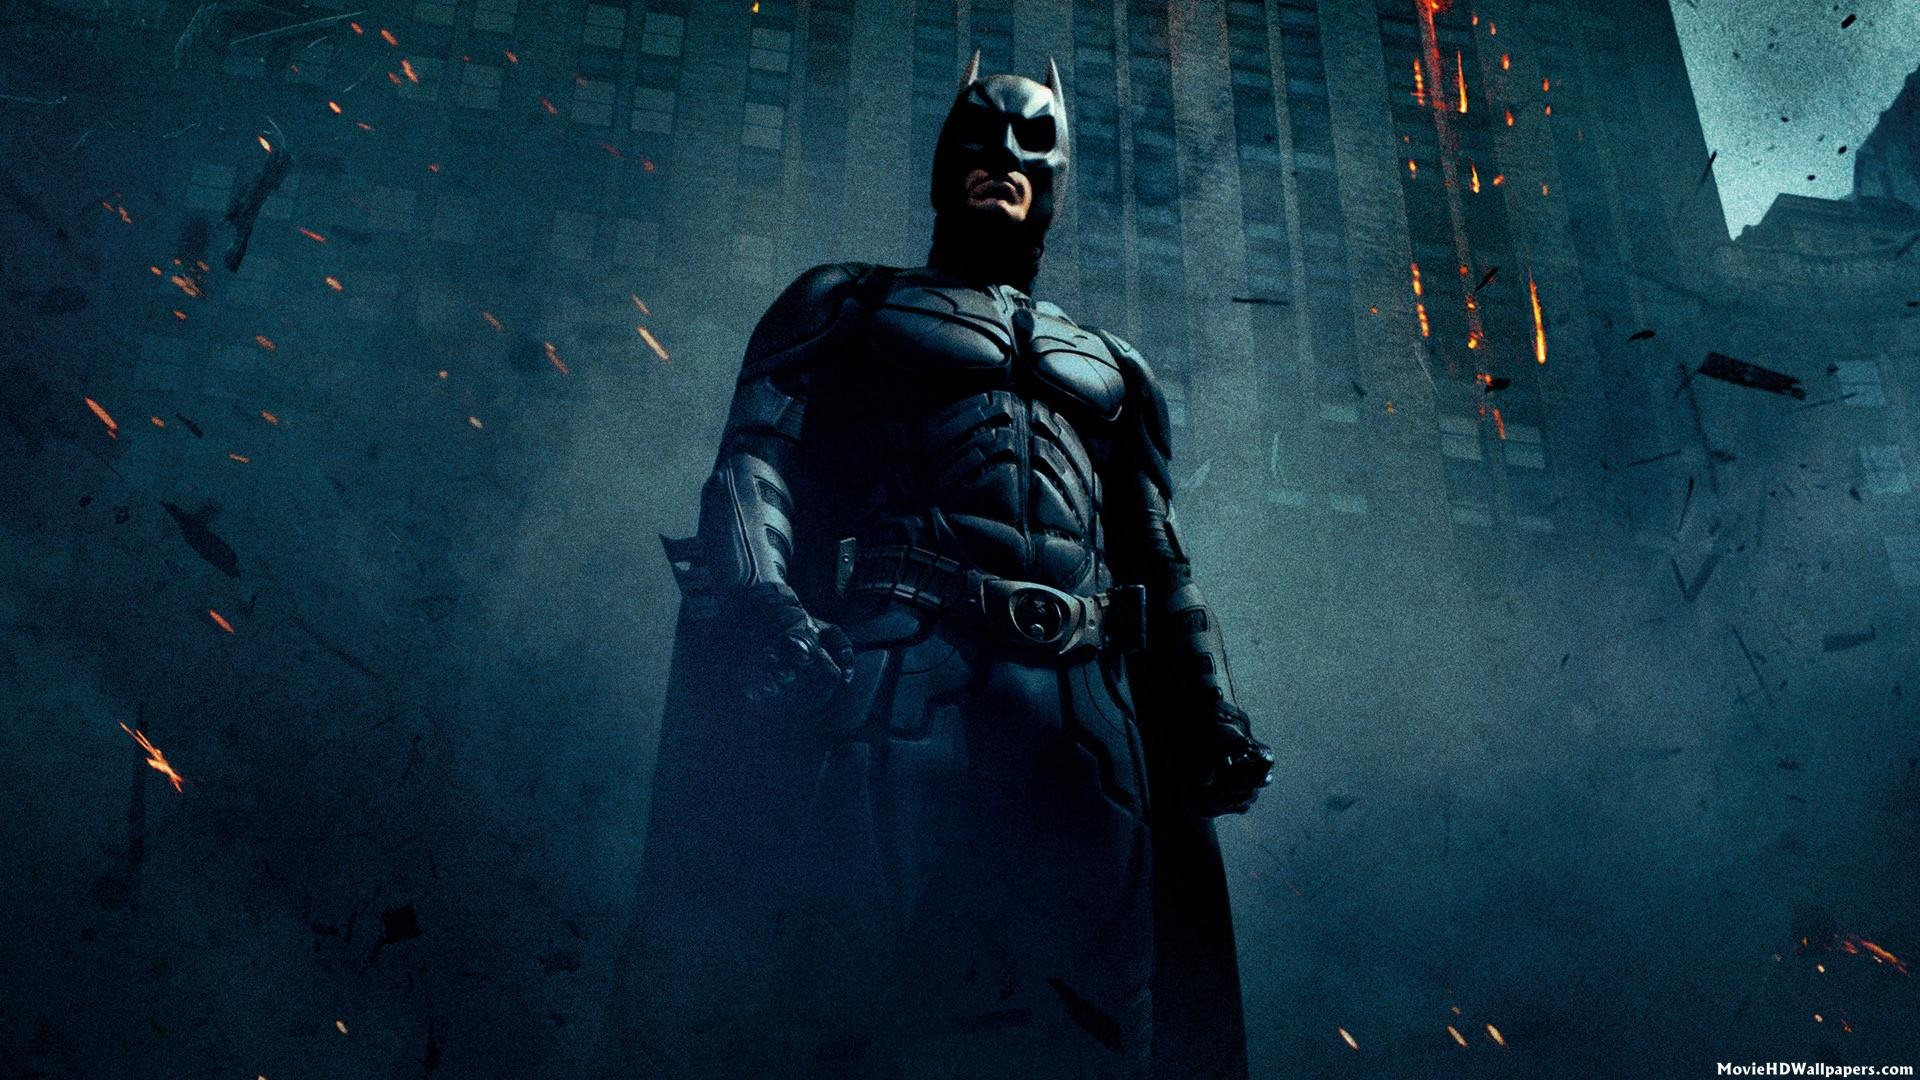 Batman The Dark Knight Rises X Movie Wallpaper